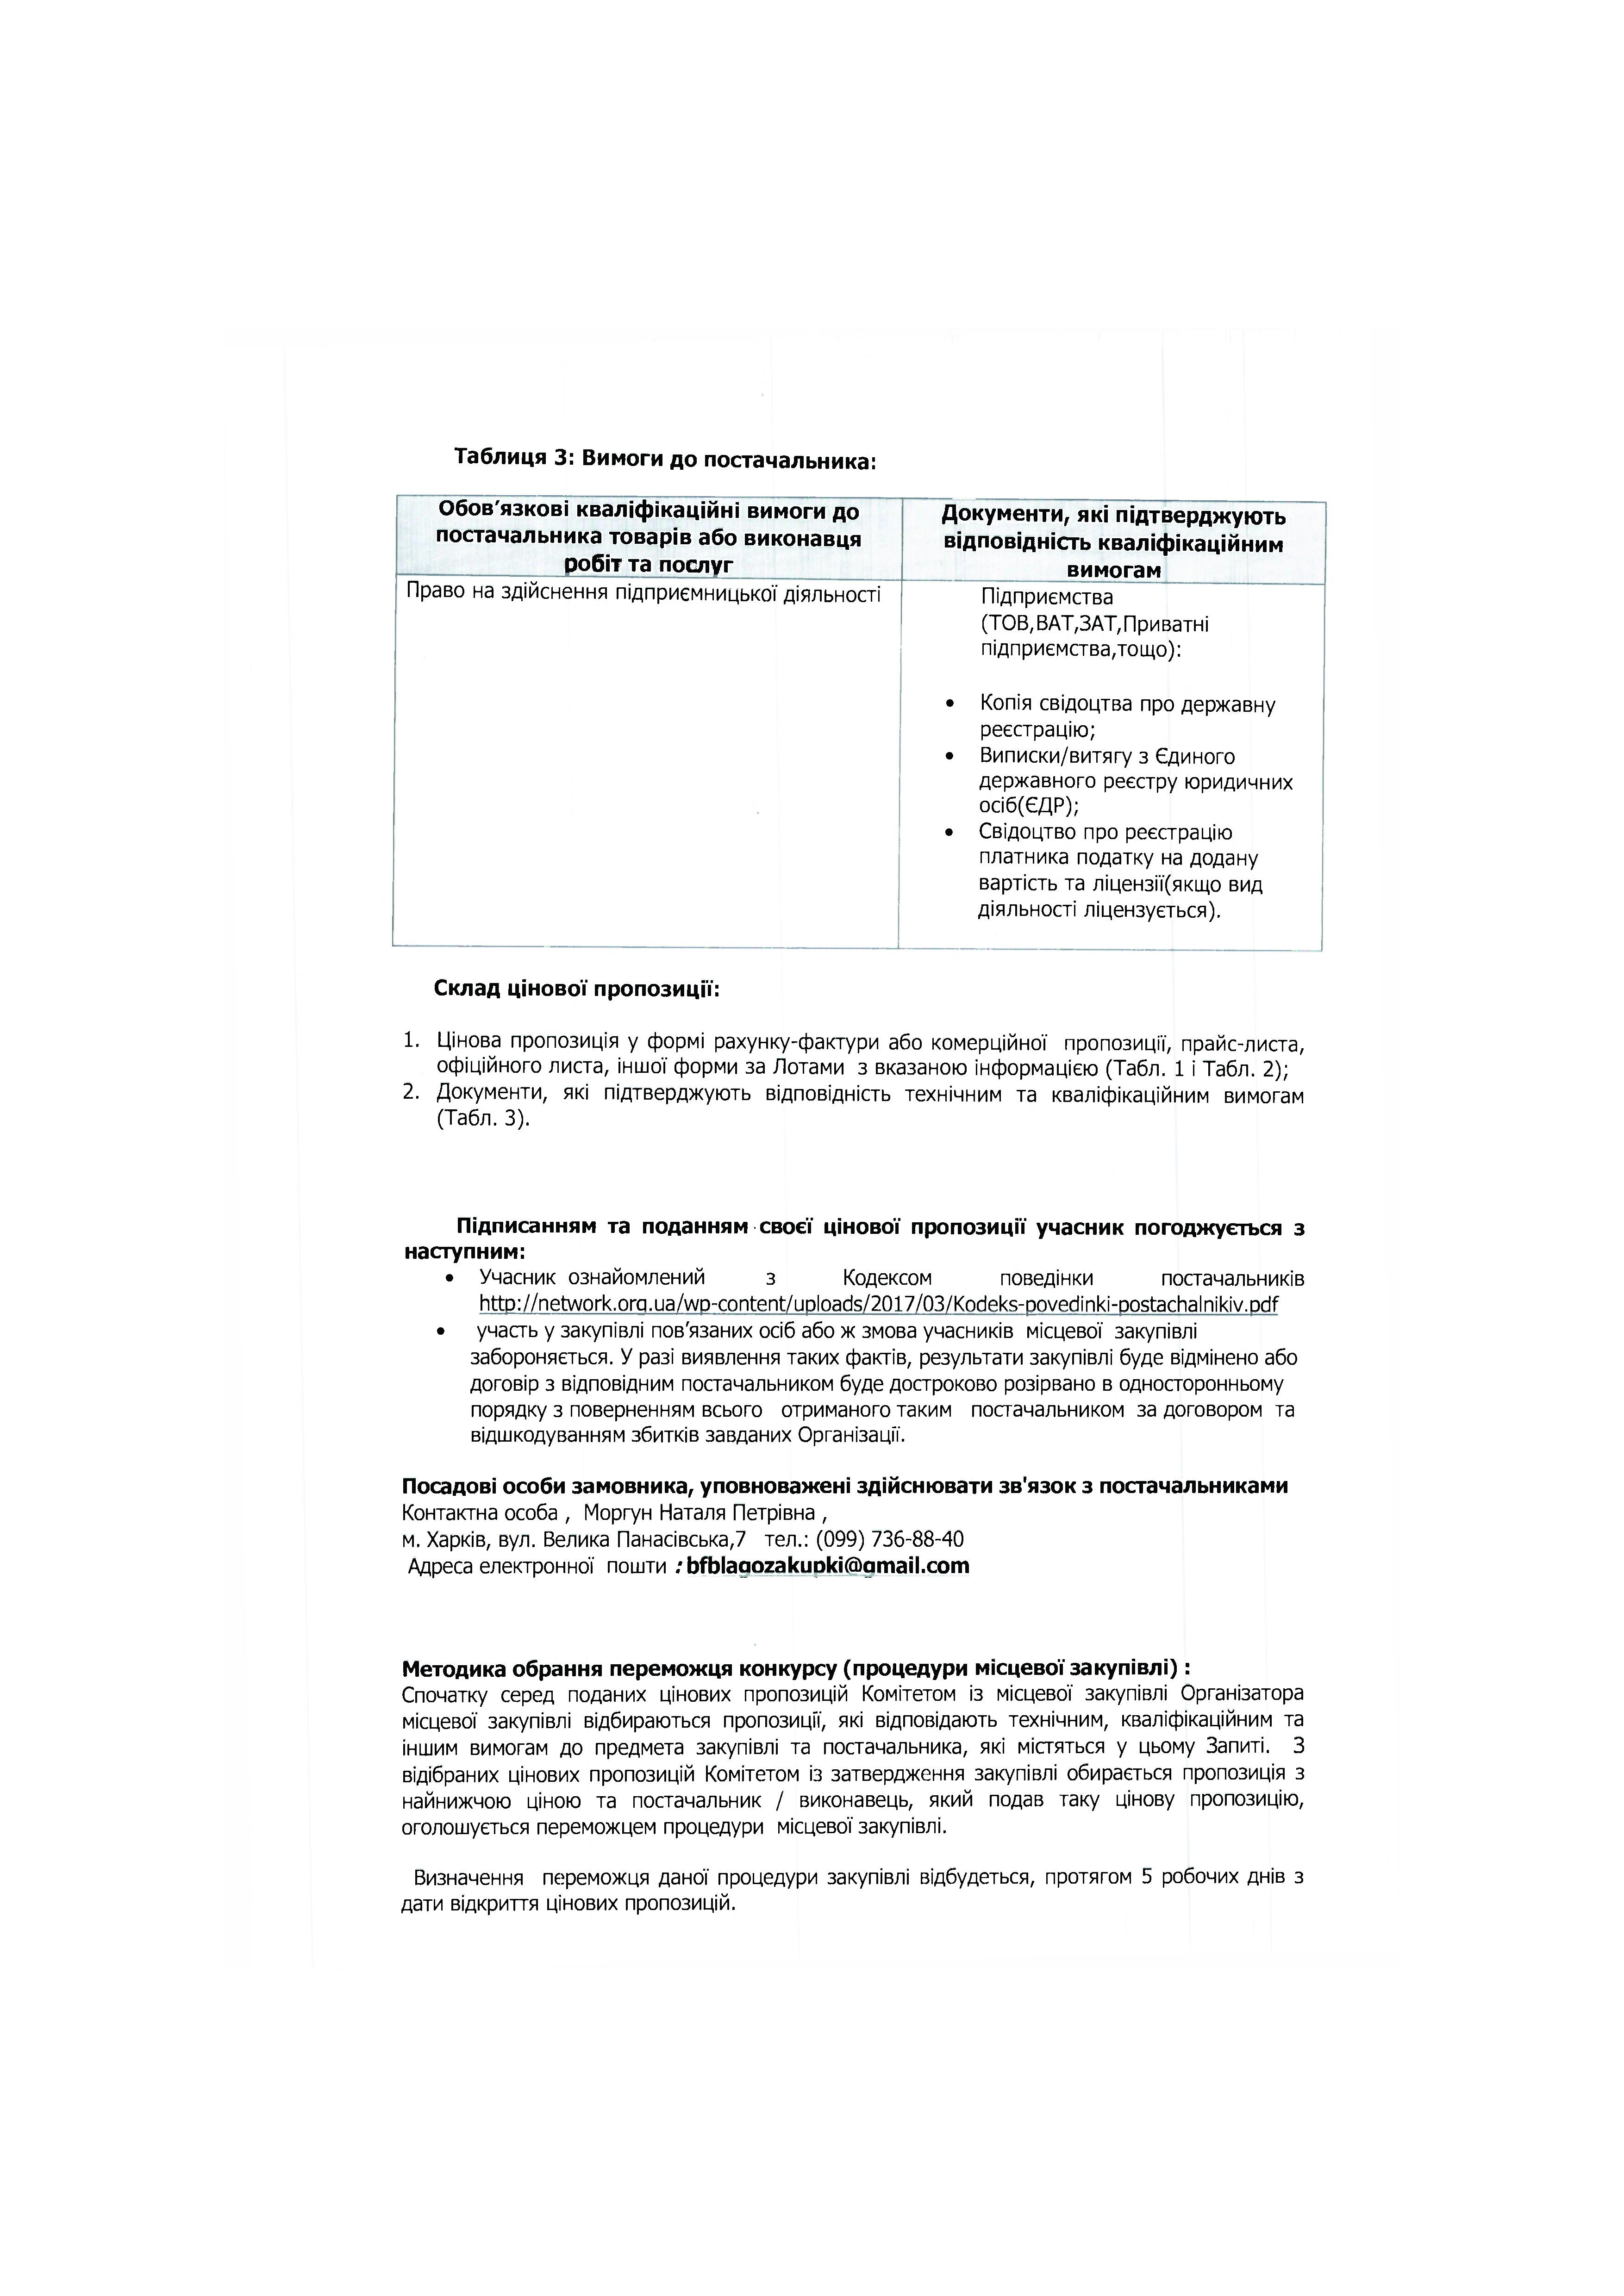 Скан оголошення (дизель) (1)-2